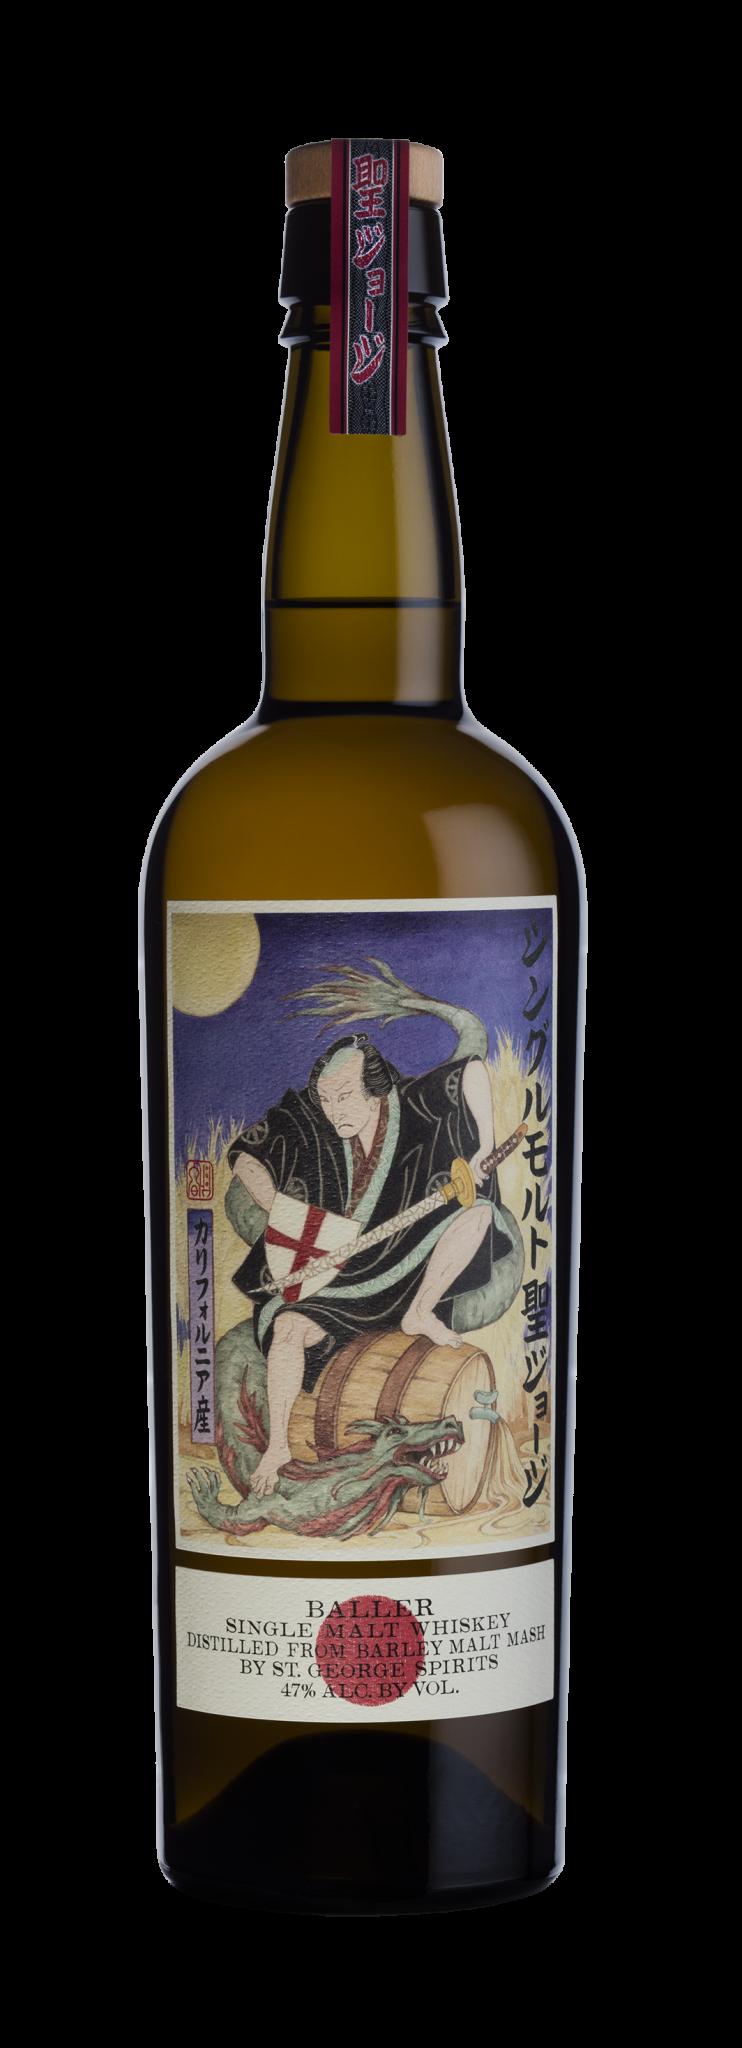 St. George Spirits Baller Single Malt Whiskey ABV: 47% 750 mL